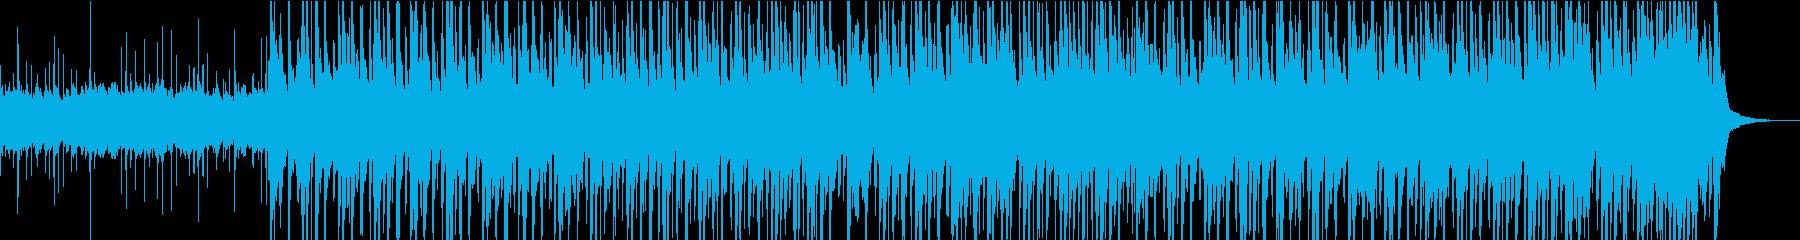 ポジティブな子供たちのミニディスコ音楽をの再生済みの波形